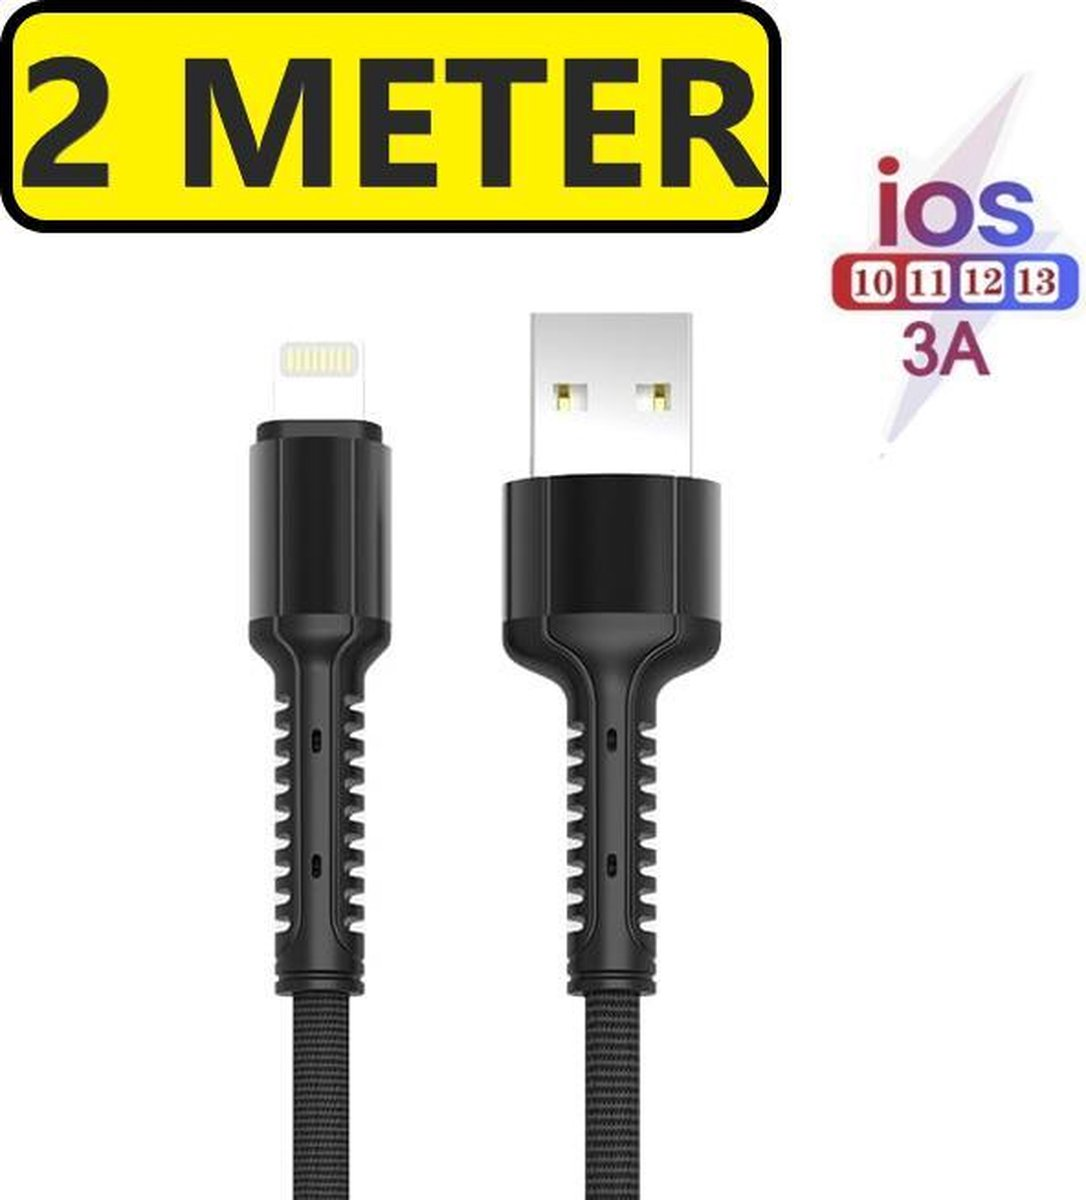 iPhone oplader kabel geschikt voor Apple iPhone 6,7,8,X,XS,XR,11,12,Mini,Pro Max - iPhone kabel - iPhone oplaadkabel - iPhone snoertje - iPhone lader